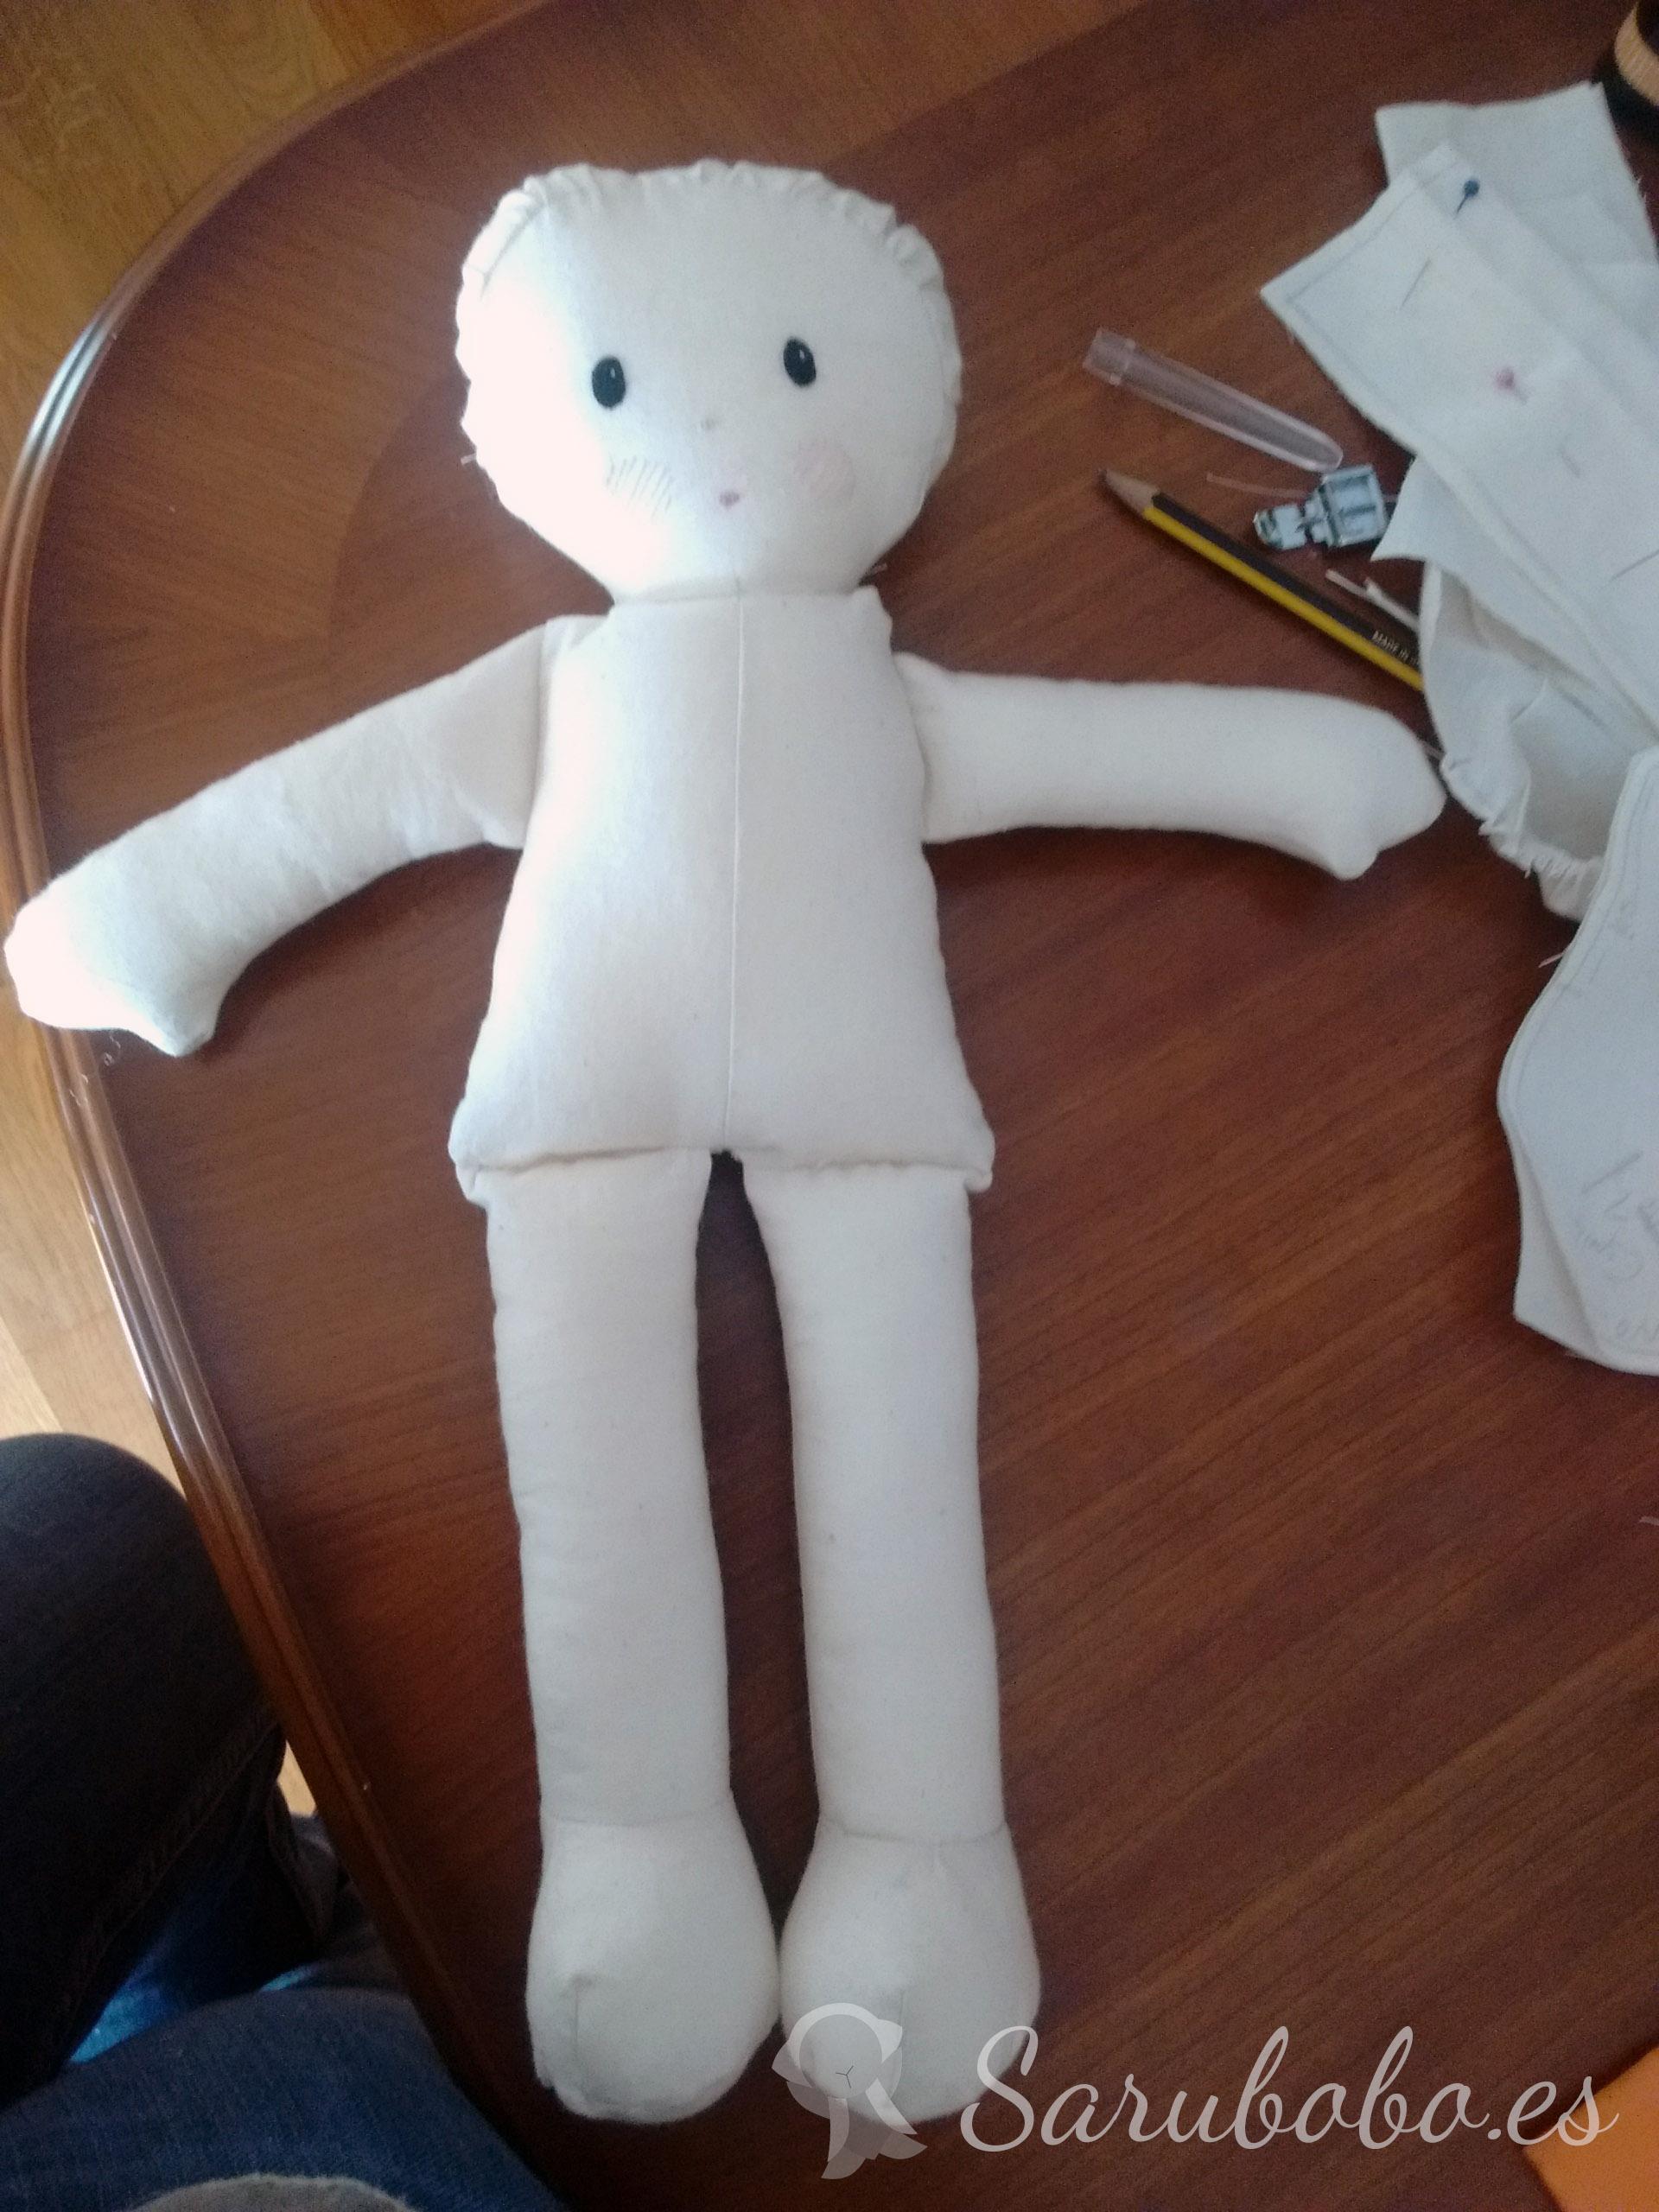 Cómo hacer muñecas de trapo. Tutorial   Sarubobo